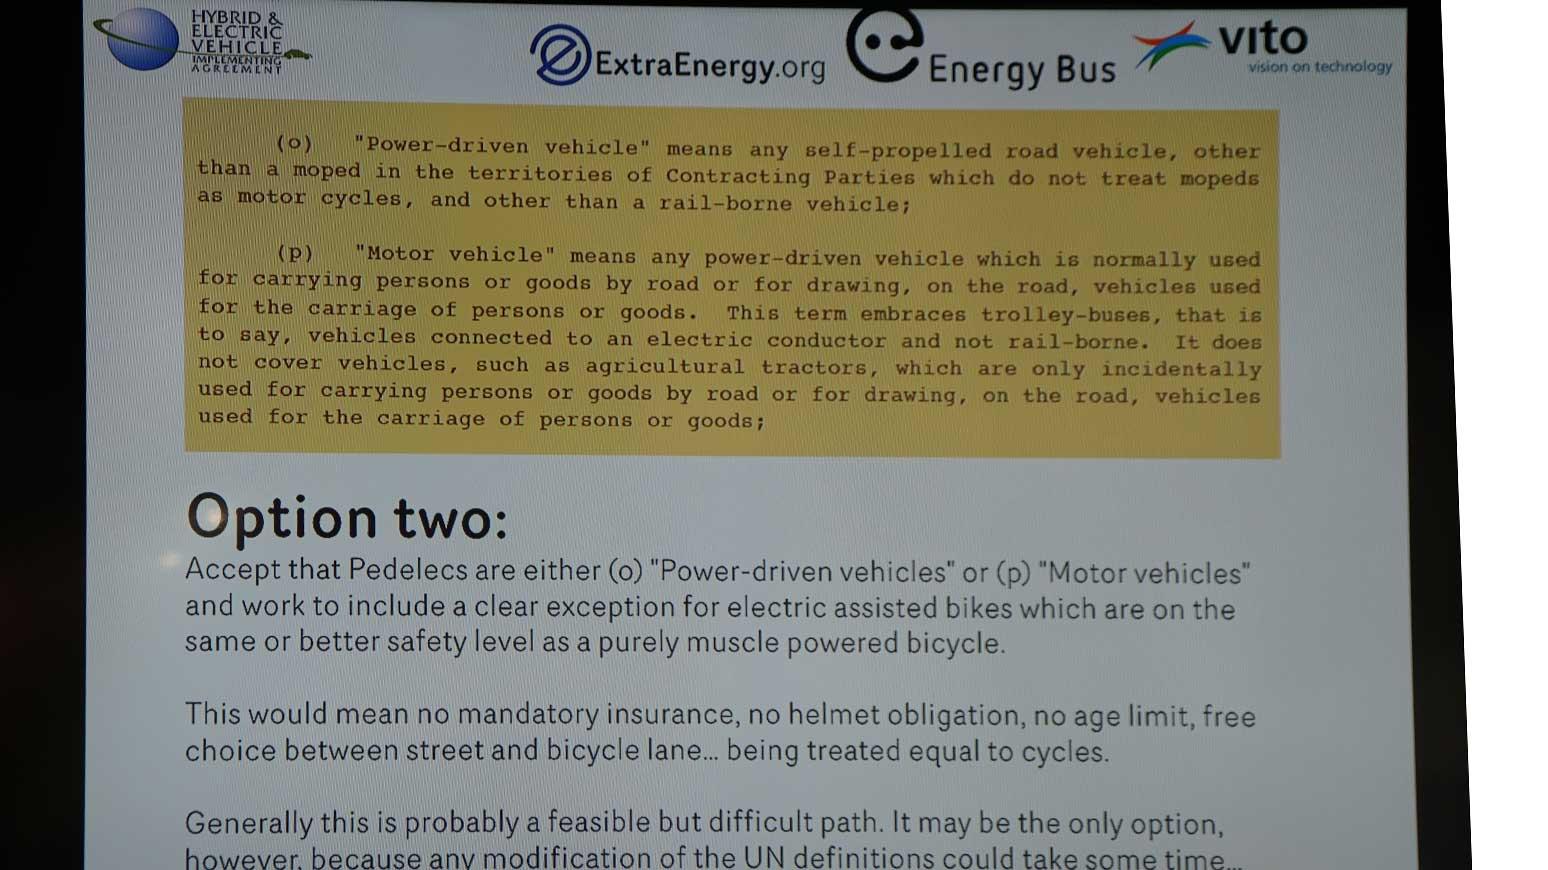 Zur Änderung der Fahrrad-Definition hat ExtraEnergy 3 Optionen verfasst.